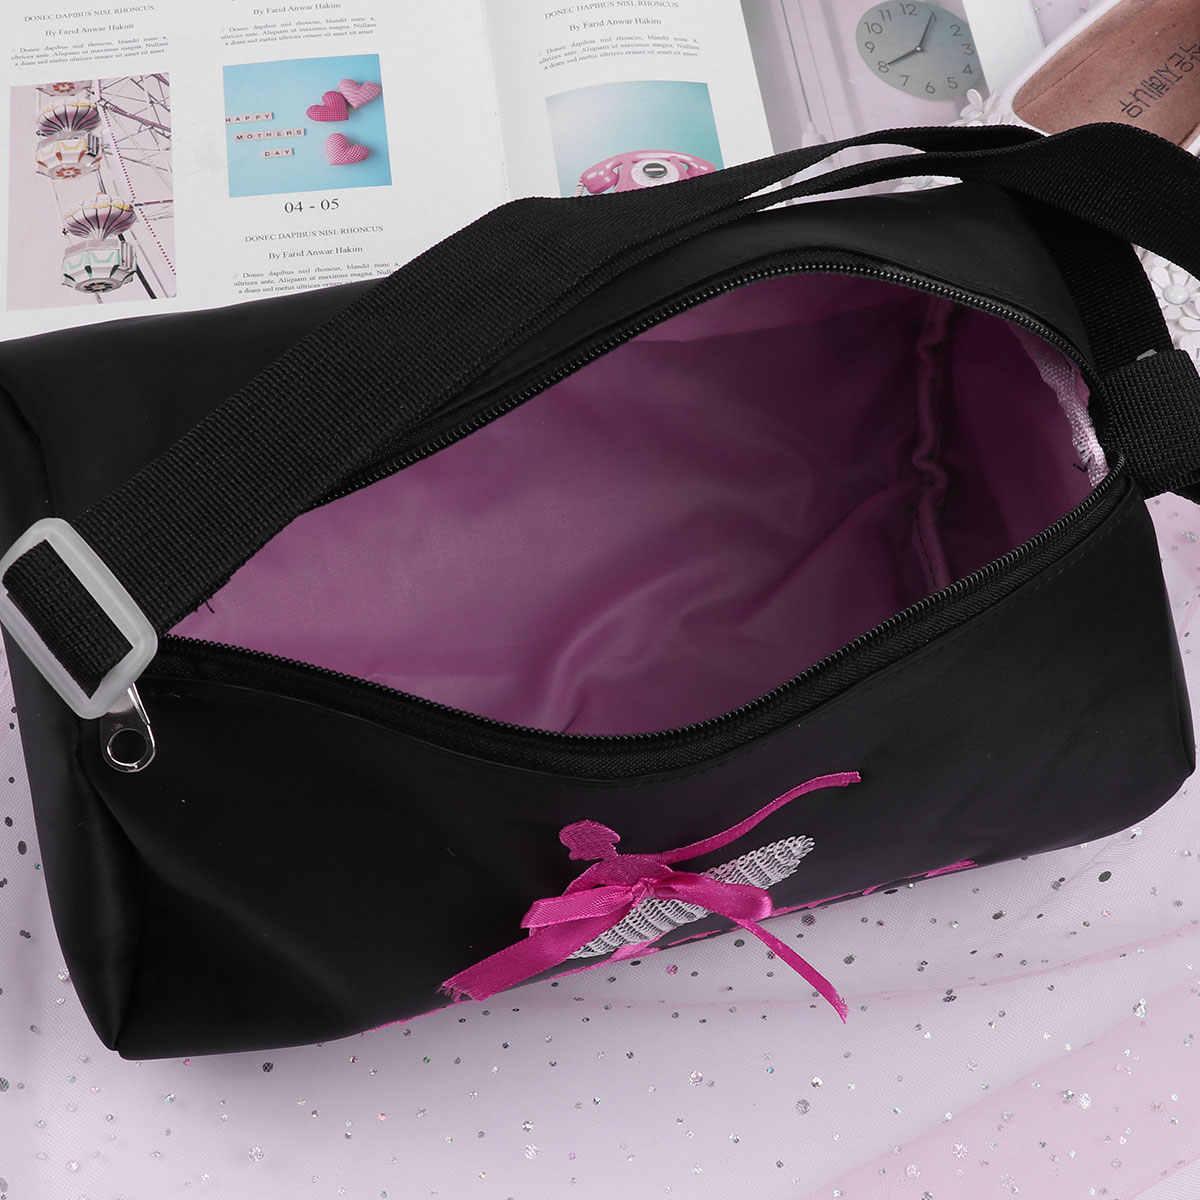 4656492b45d0 Feeshow Kids Girls Ballet Bag Fashion Adorable Ballet Dance Bag Shoulder  Bag Embroidered Ballerina Dancing Duffle Bag Handbag